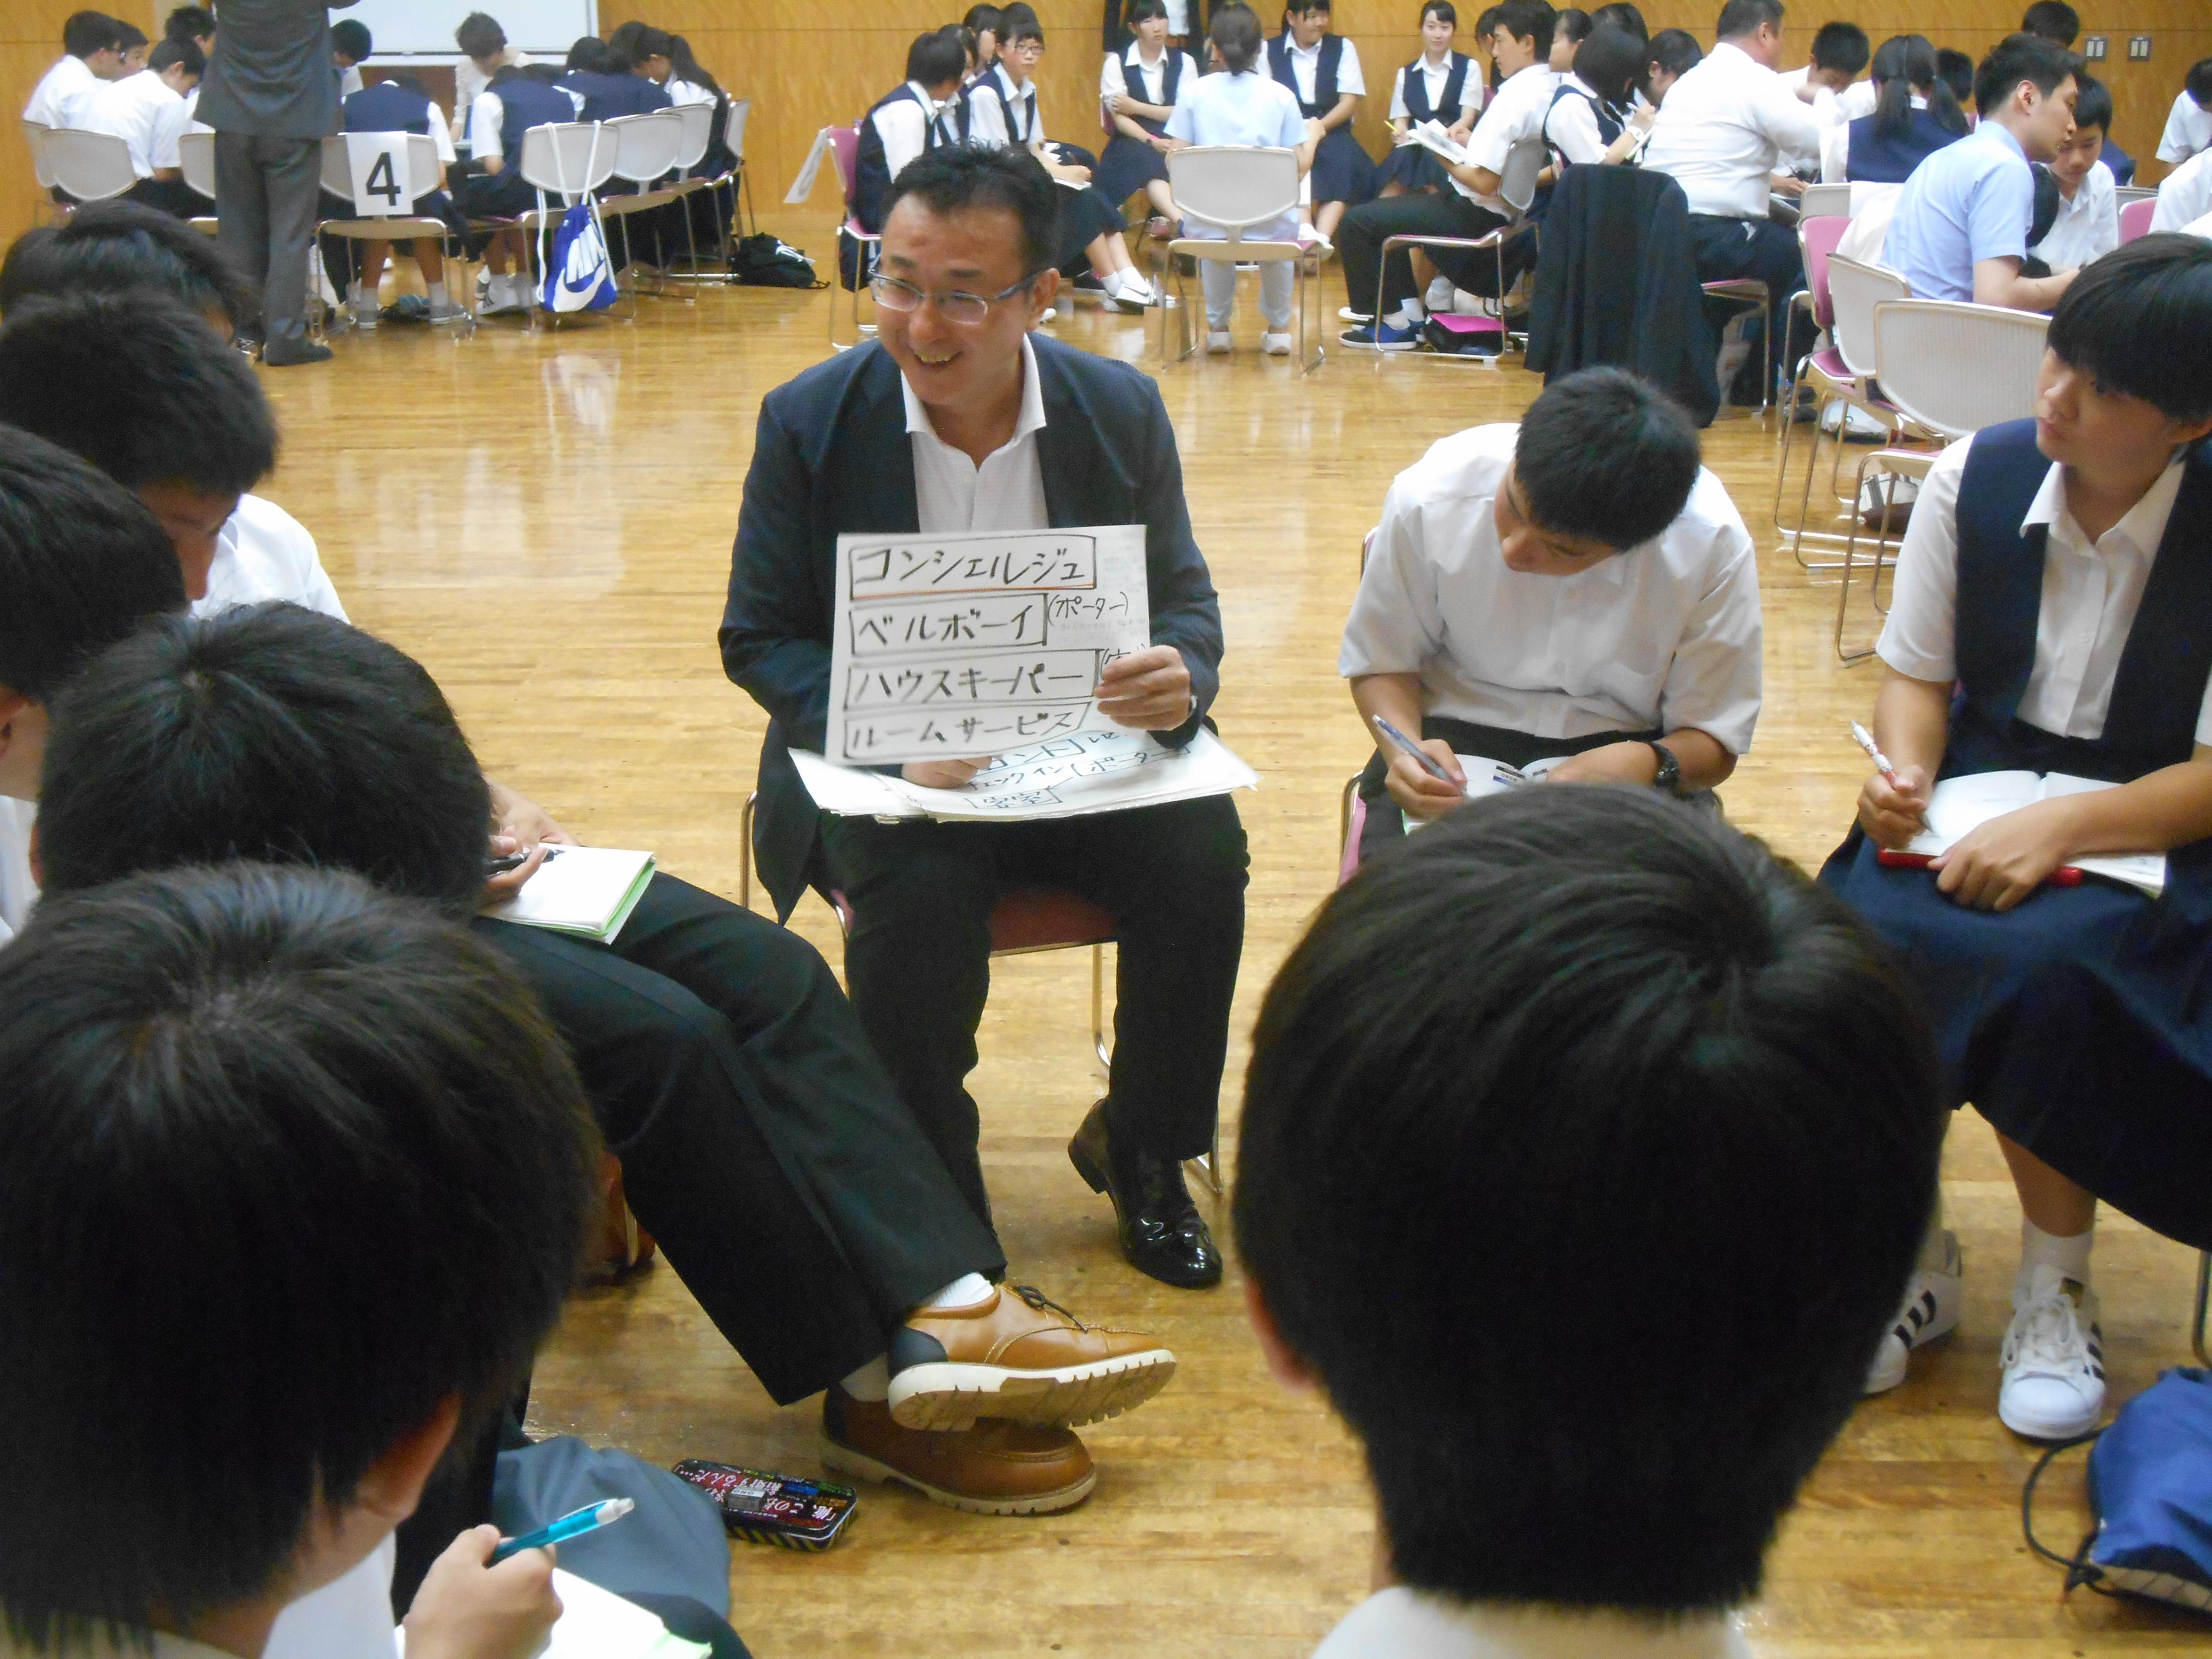 DSCN1752 - 2016年6月28日 青森市立甲田中学校アオスキフューチャーズゼミ開催